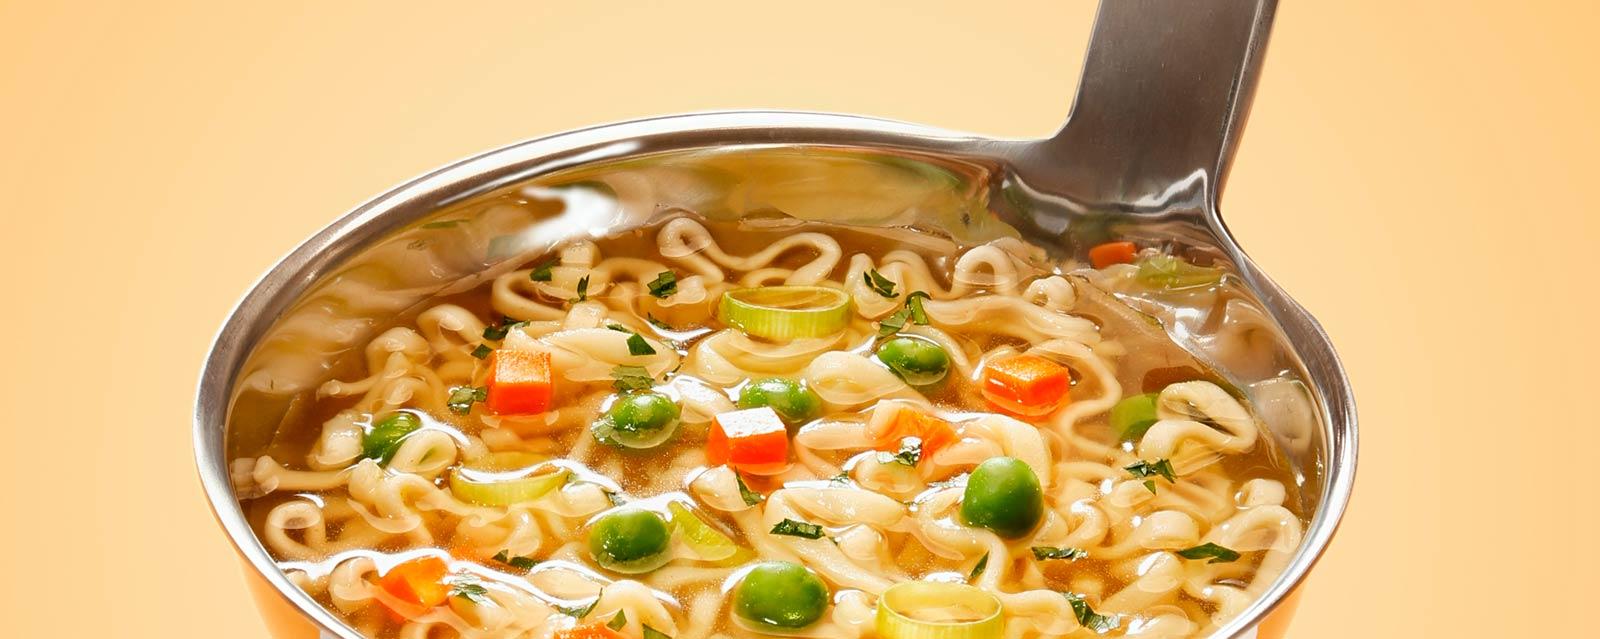 alimentos saludables o no sopa